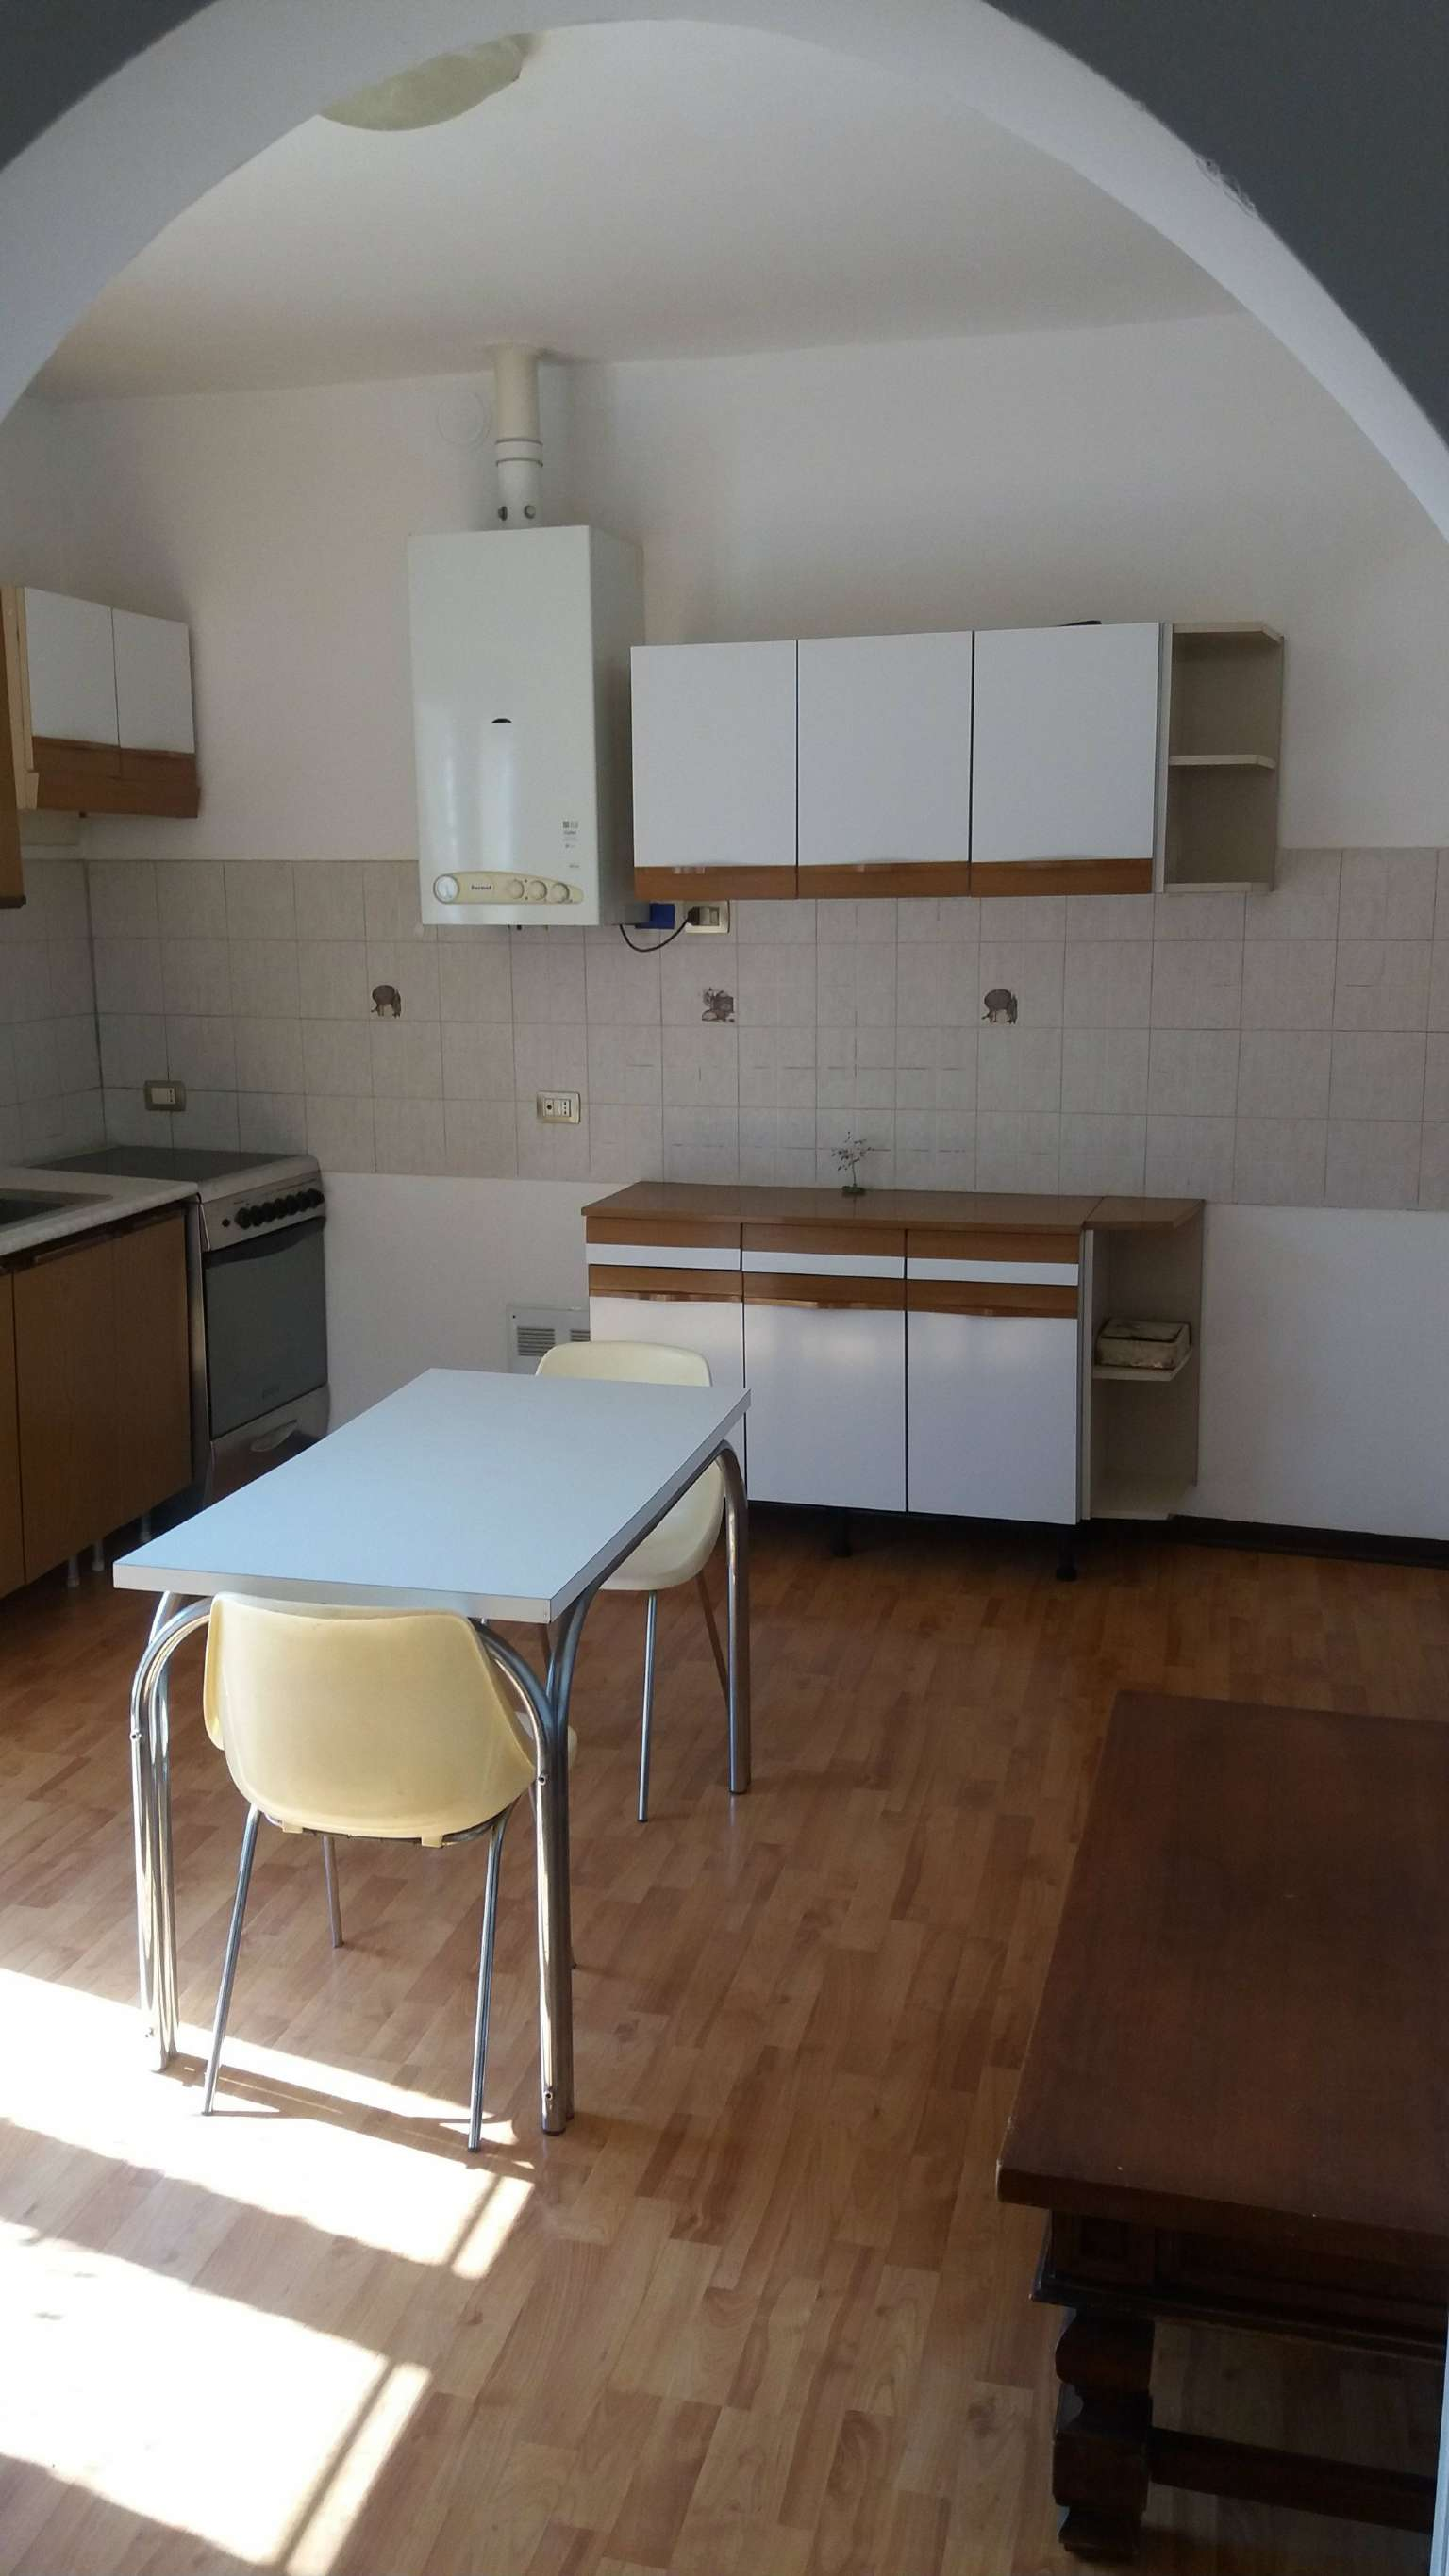 Appartamento in vendita a Lozza, 1 locali, prezzo € 39.000 | CambioCasa.it